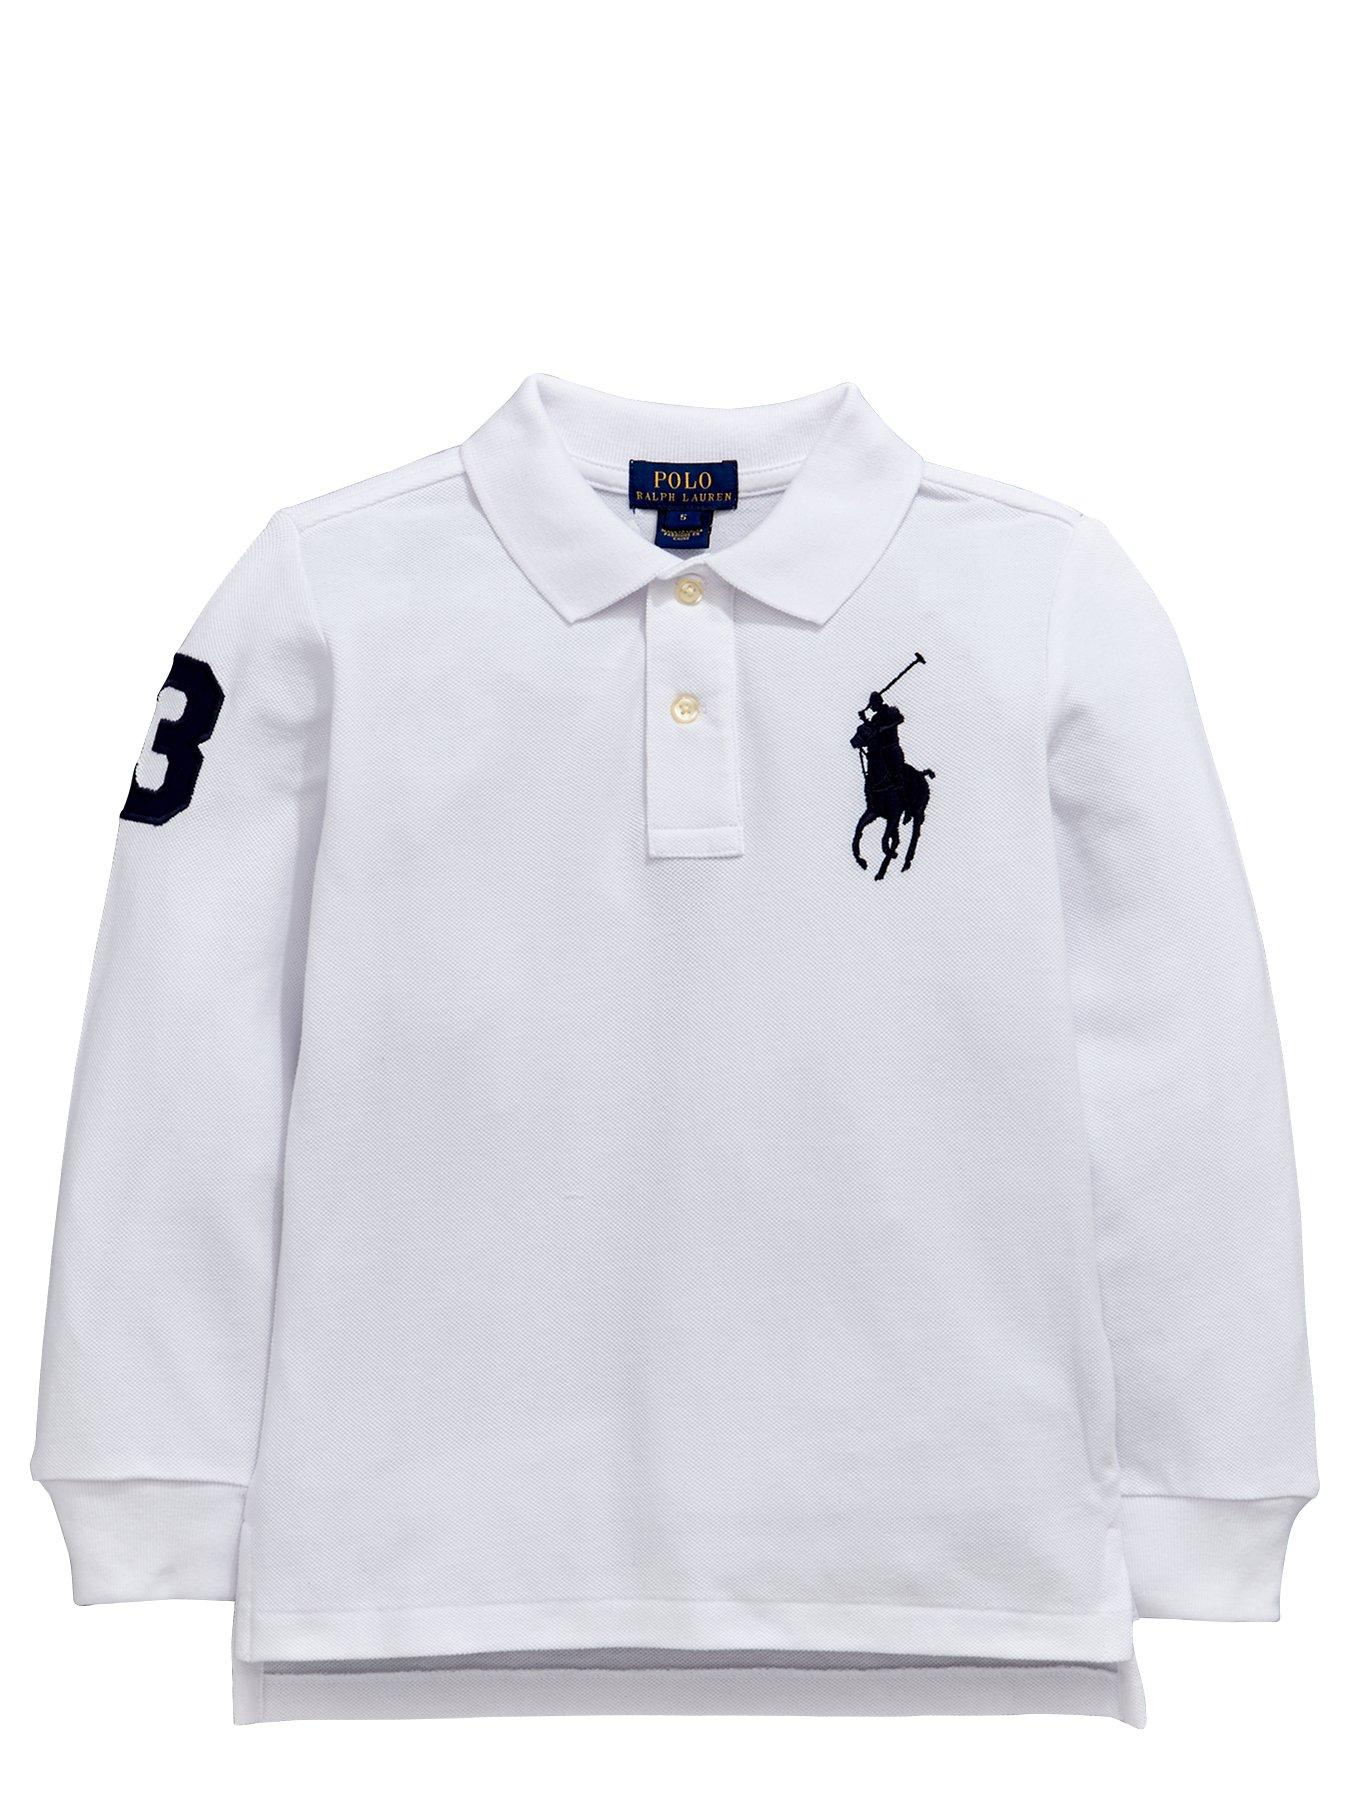 Off77 polo ralph lauren online shop ralph lauren outlet for Ralph lauren polo club shirts